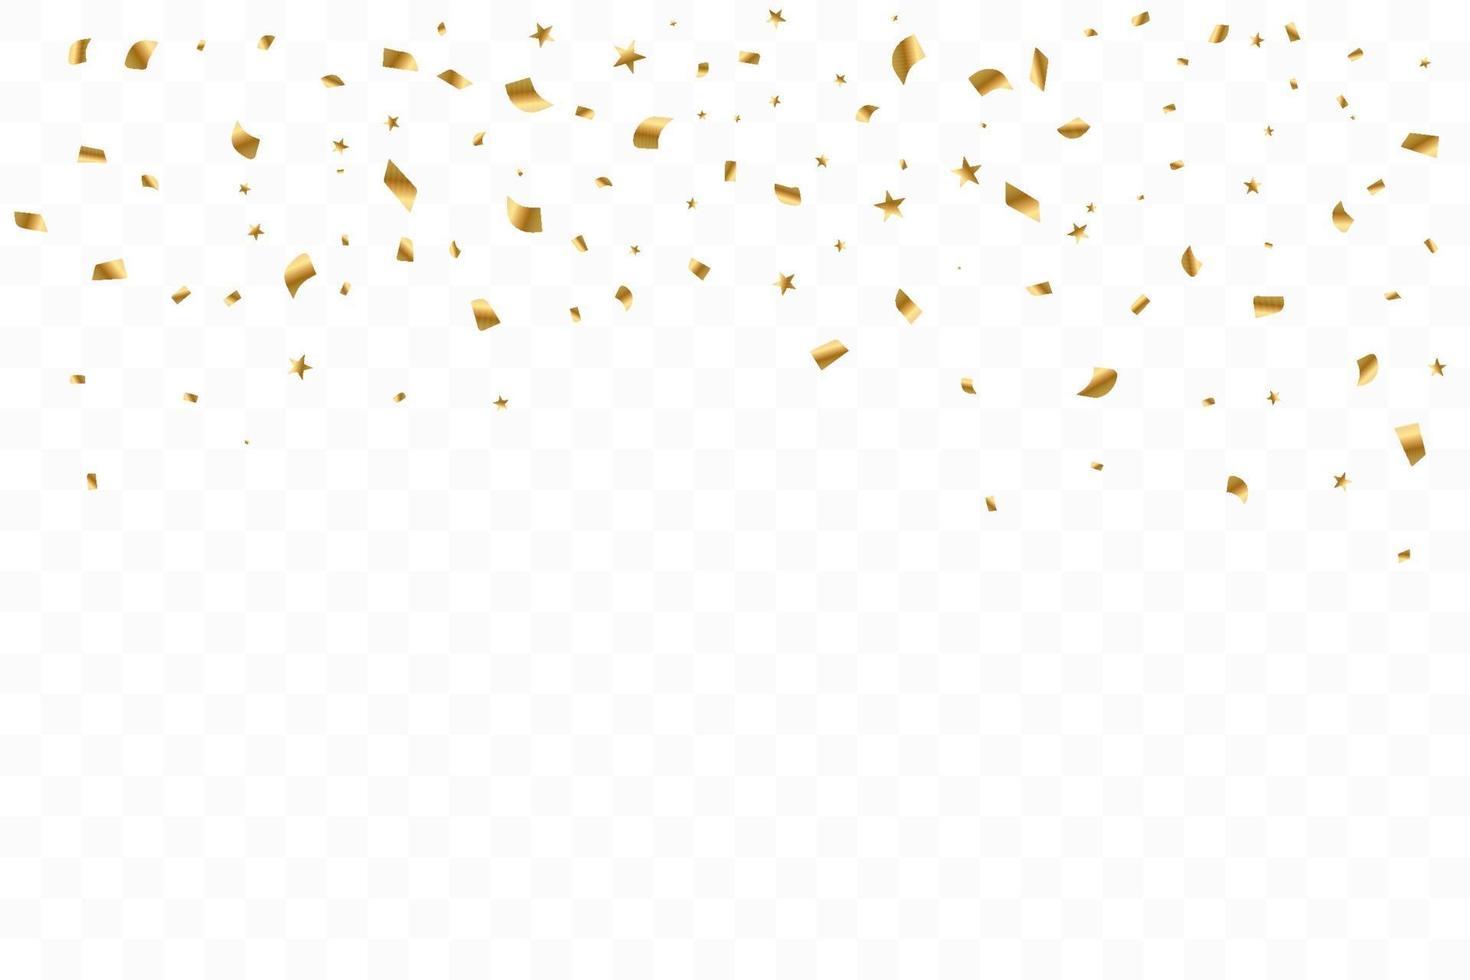 viele fallende luxuriöse goldene Konfetti. Geburtstagsfeier. Vektorillustration vektor